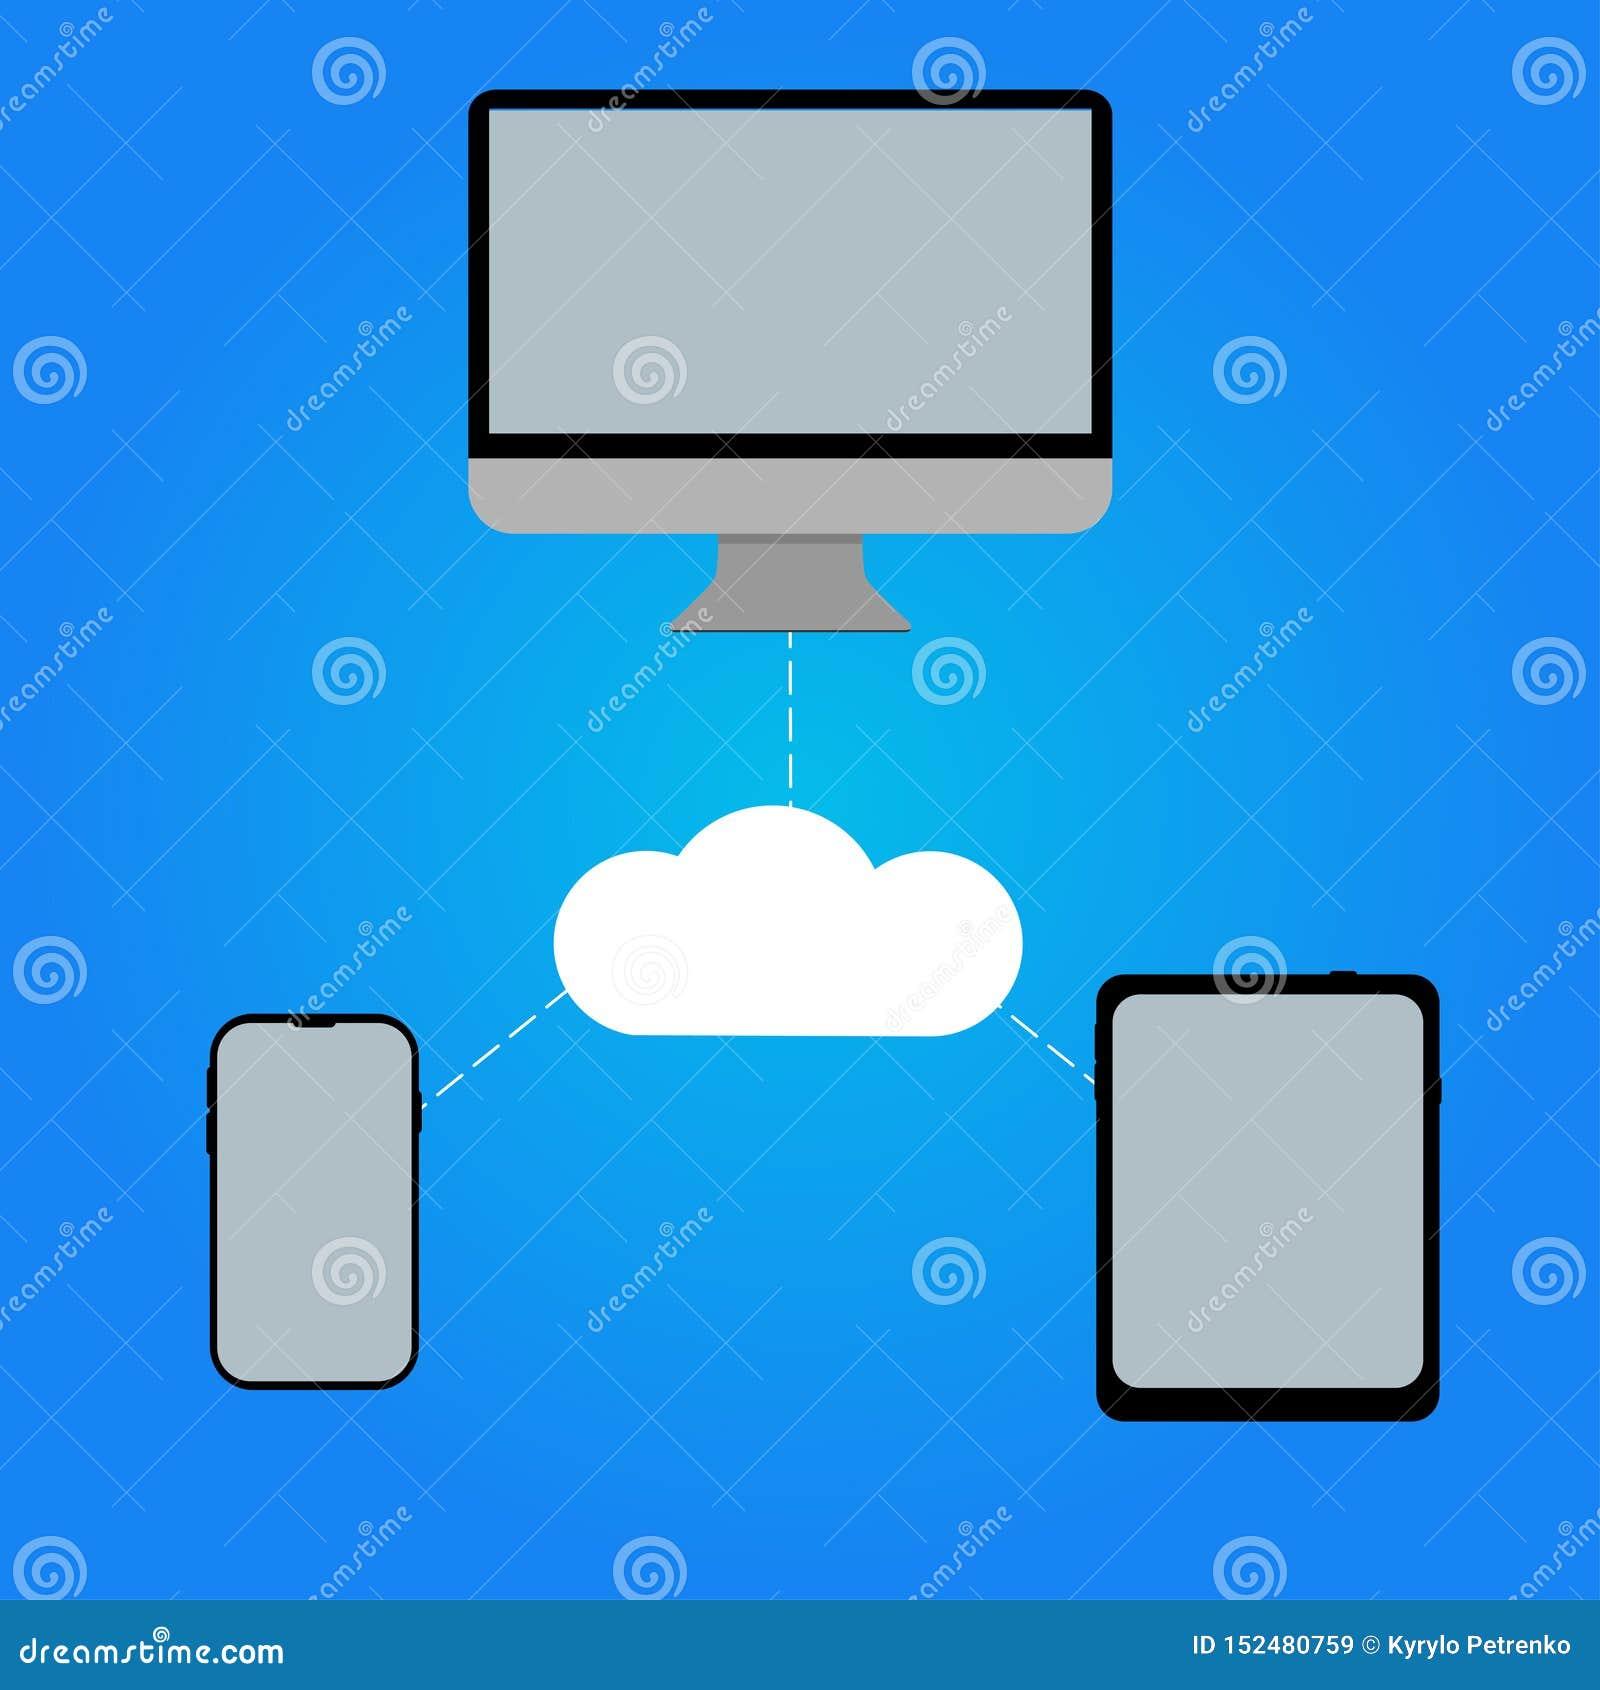 Computertelefontablette verbunden mit gegenseitig